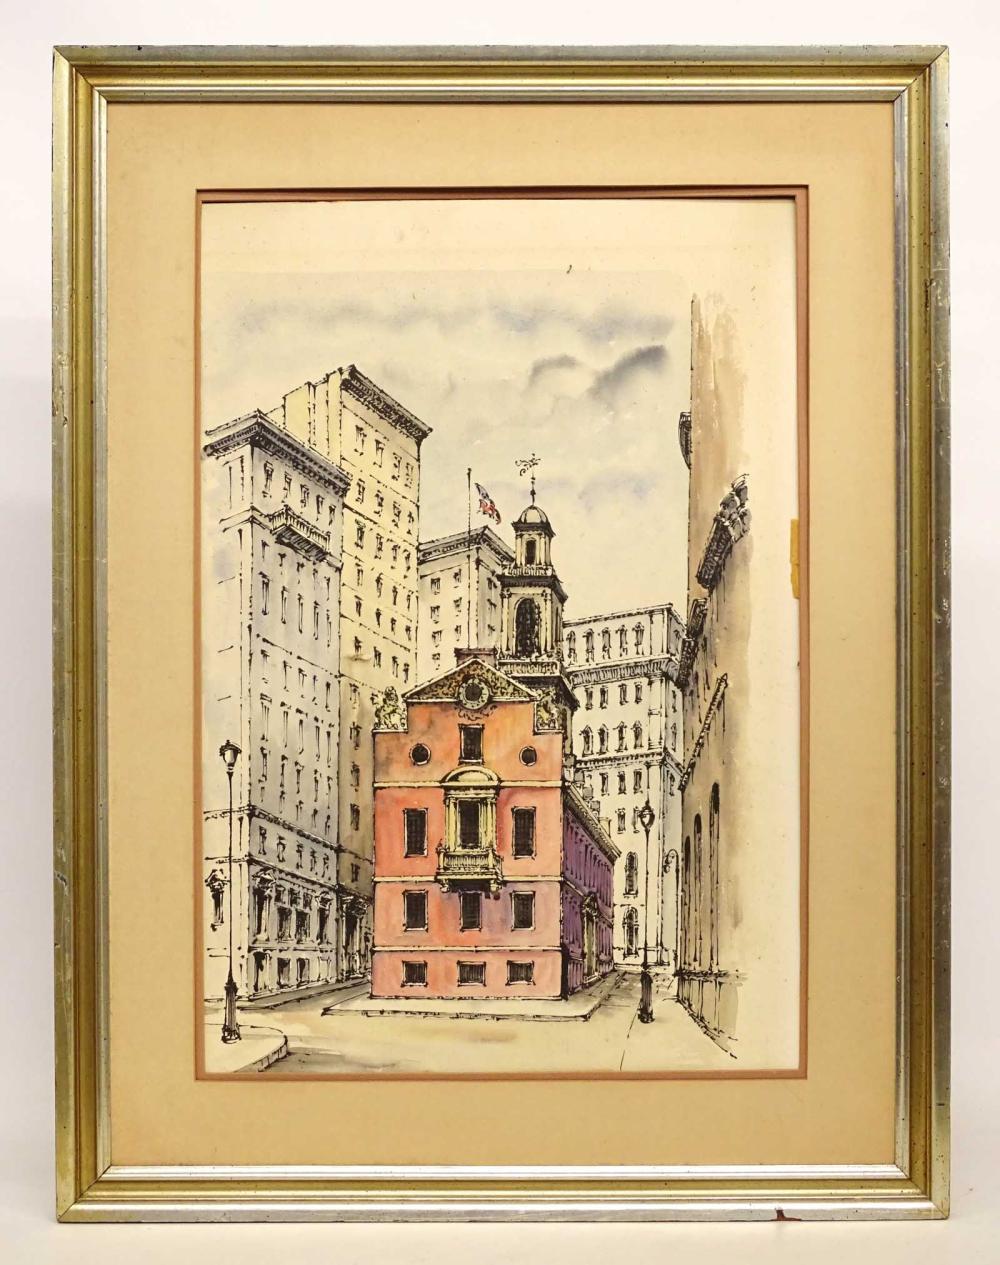 American School, Watercolor